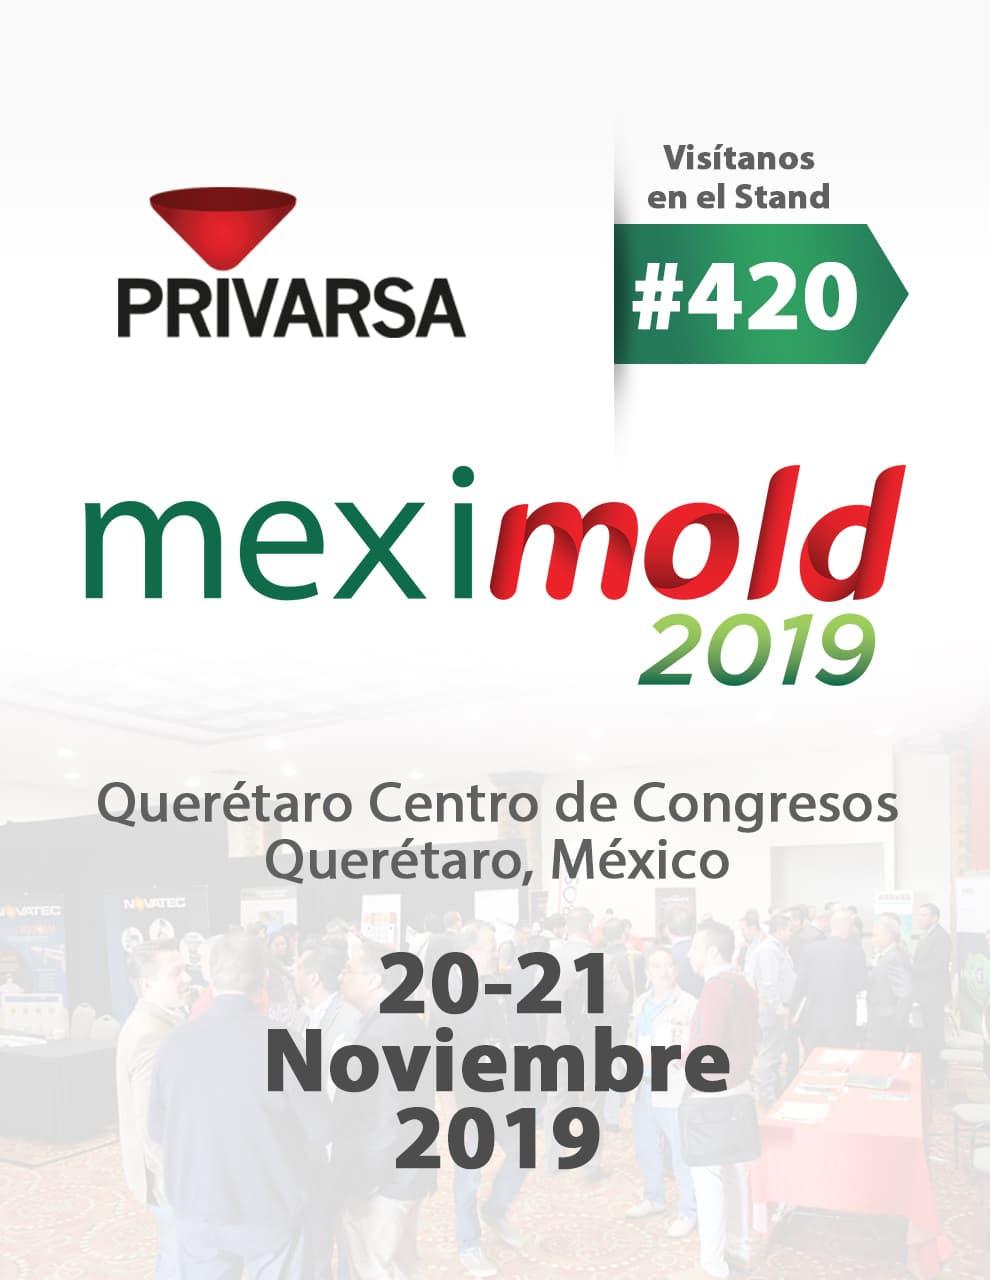 meximold_990x1280cm_(1)